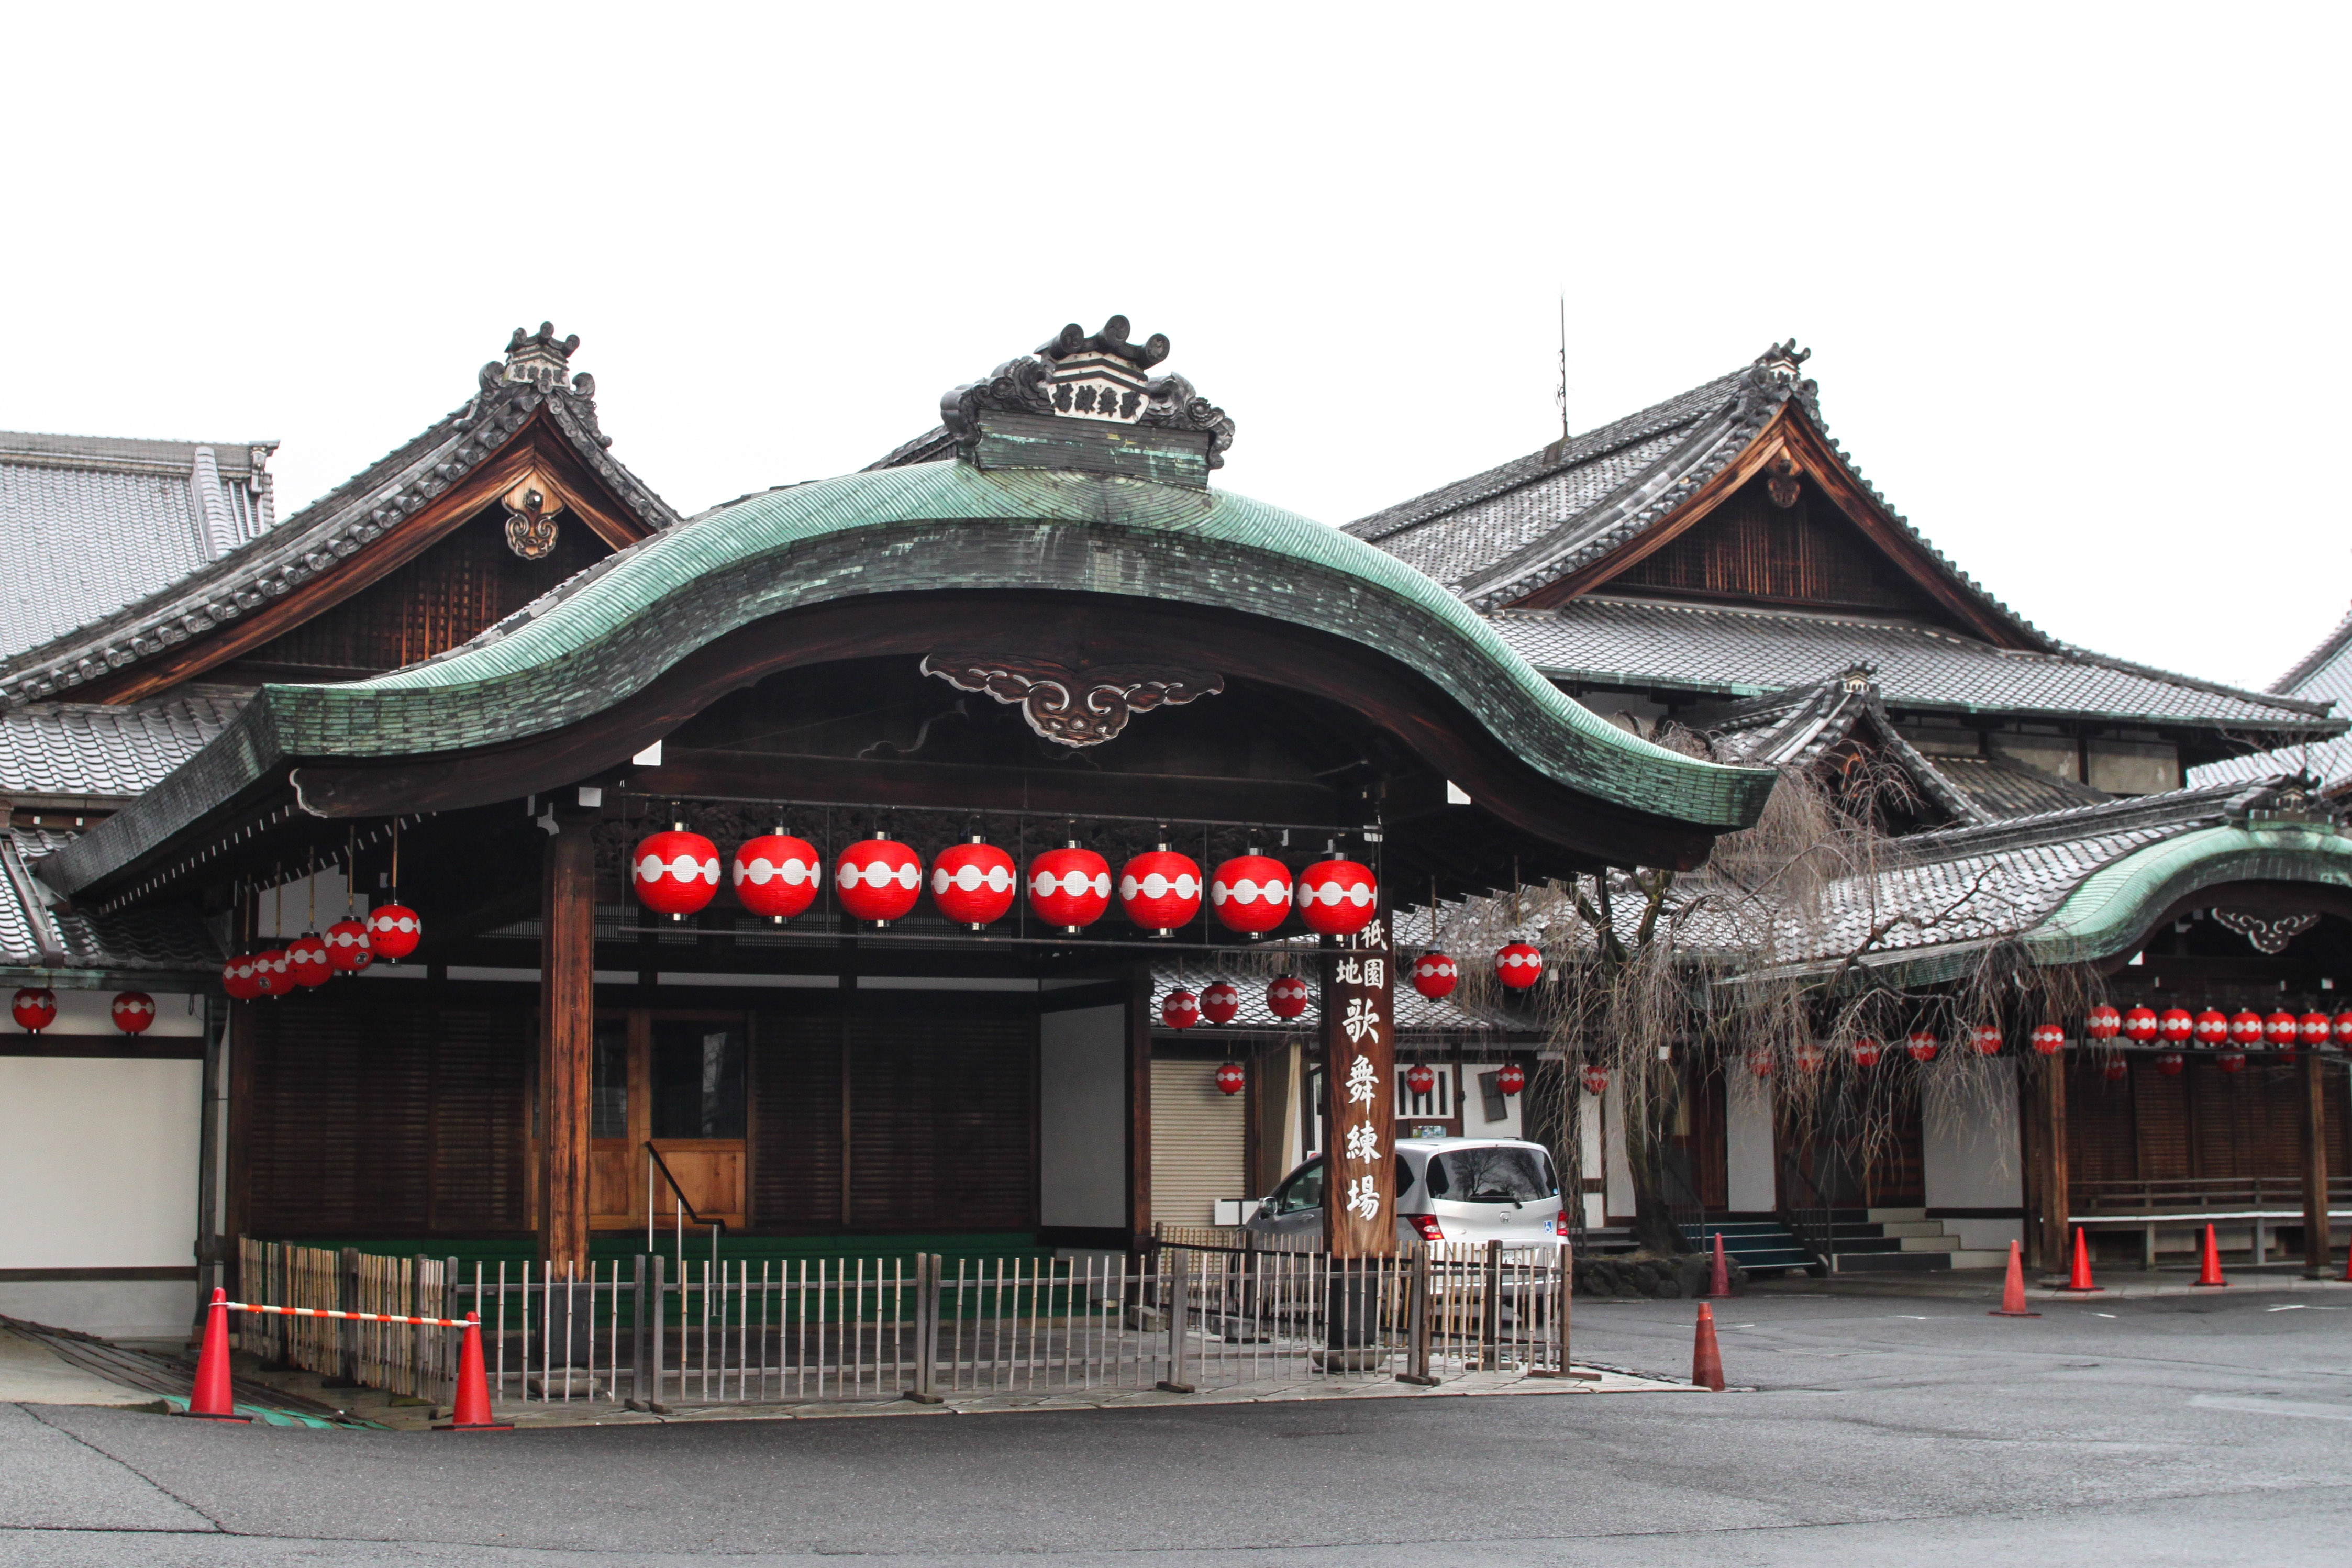 Tokyo va hanh trinh kham pha nhip song thuong ngay o Nhat Ban hinh anh 89